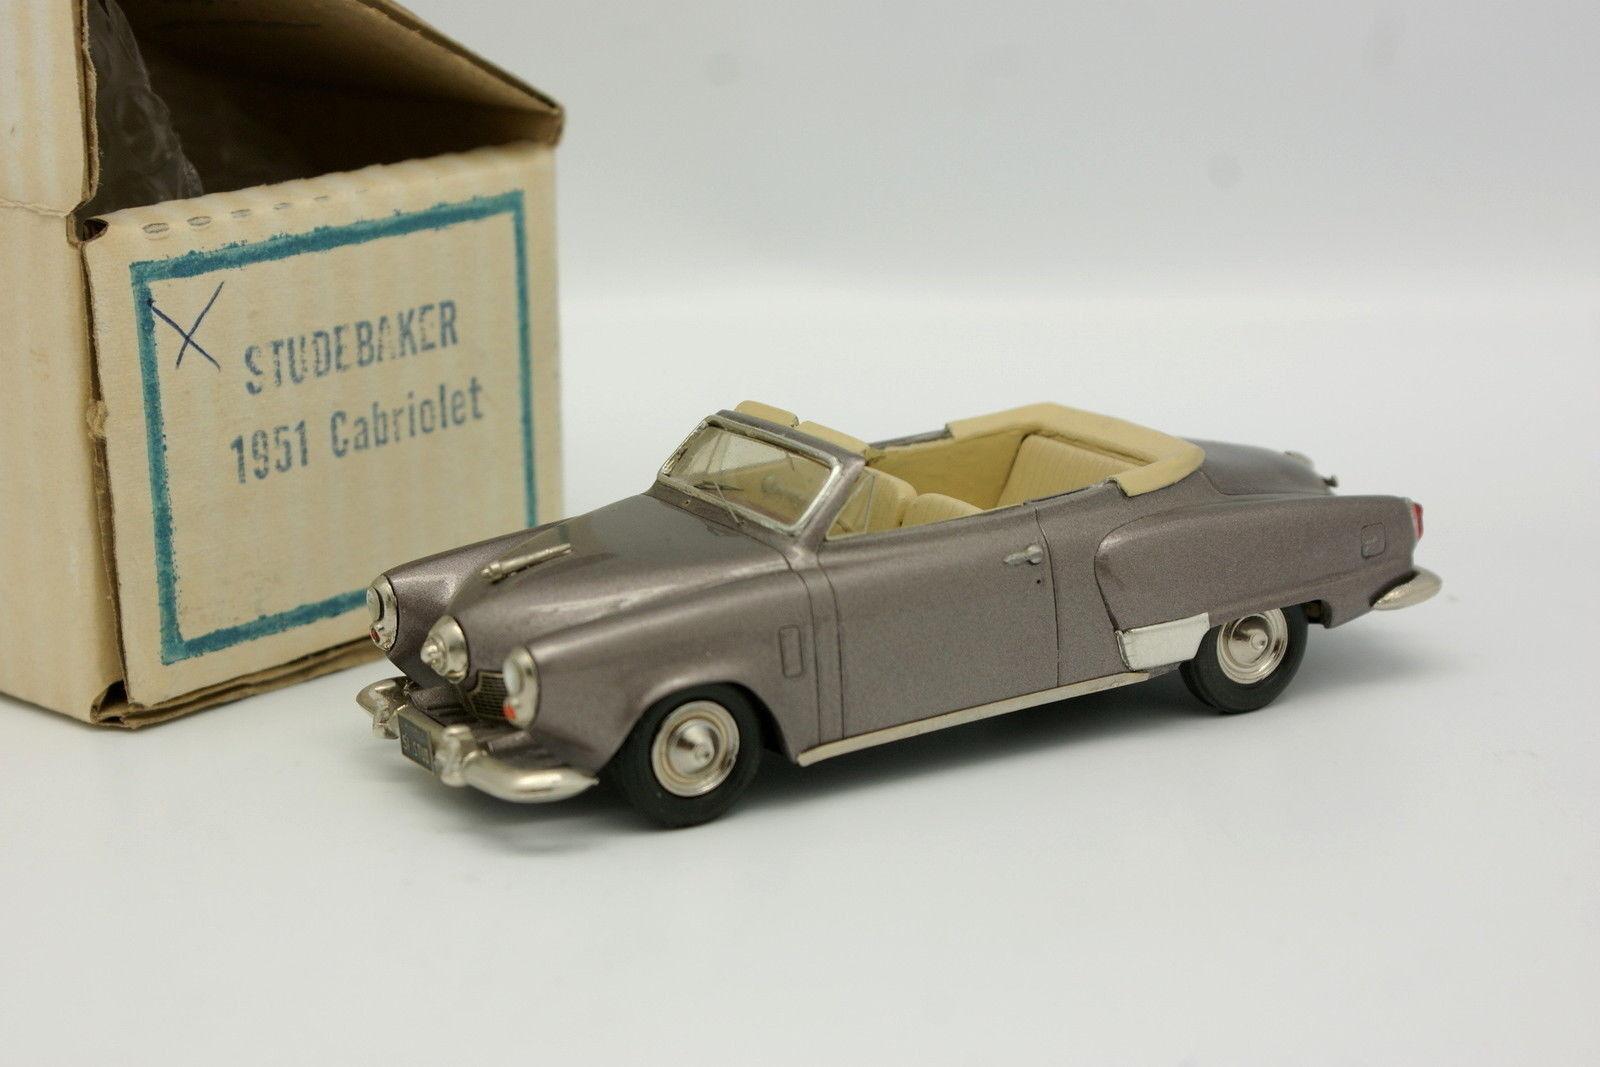 Provence moulage kit assembled 1 43 - studebaker land cruiser 1951 cabriolet